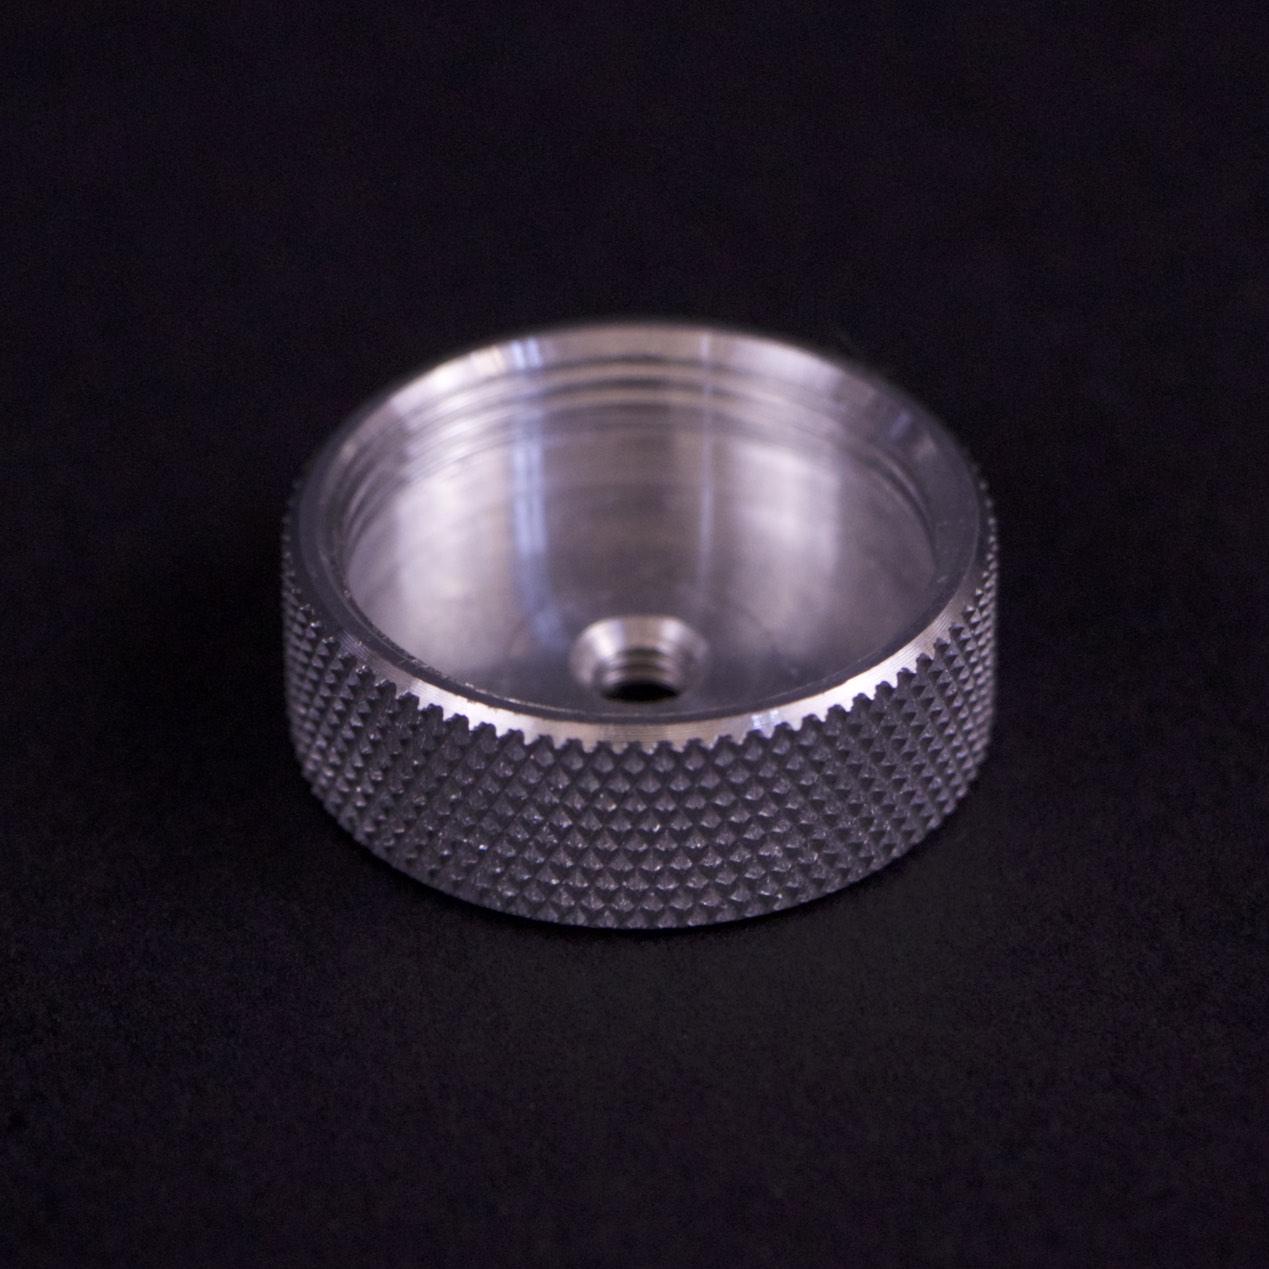 CNC knurled cap